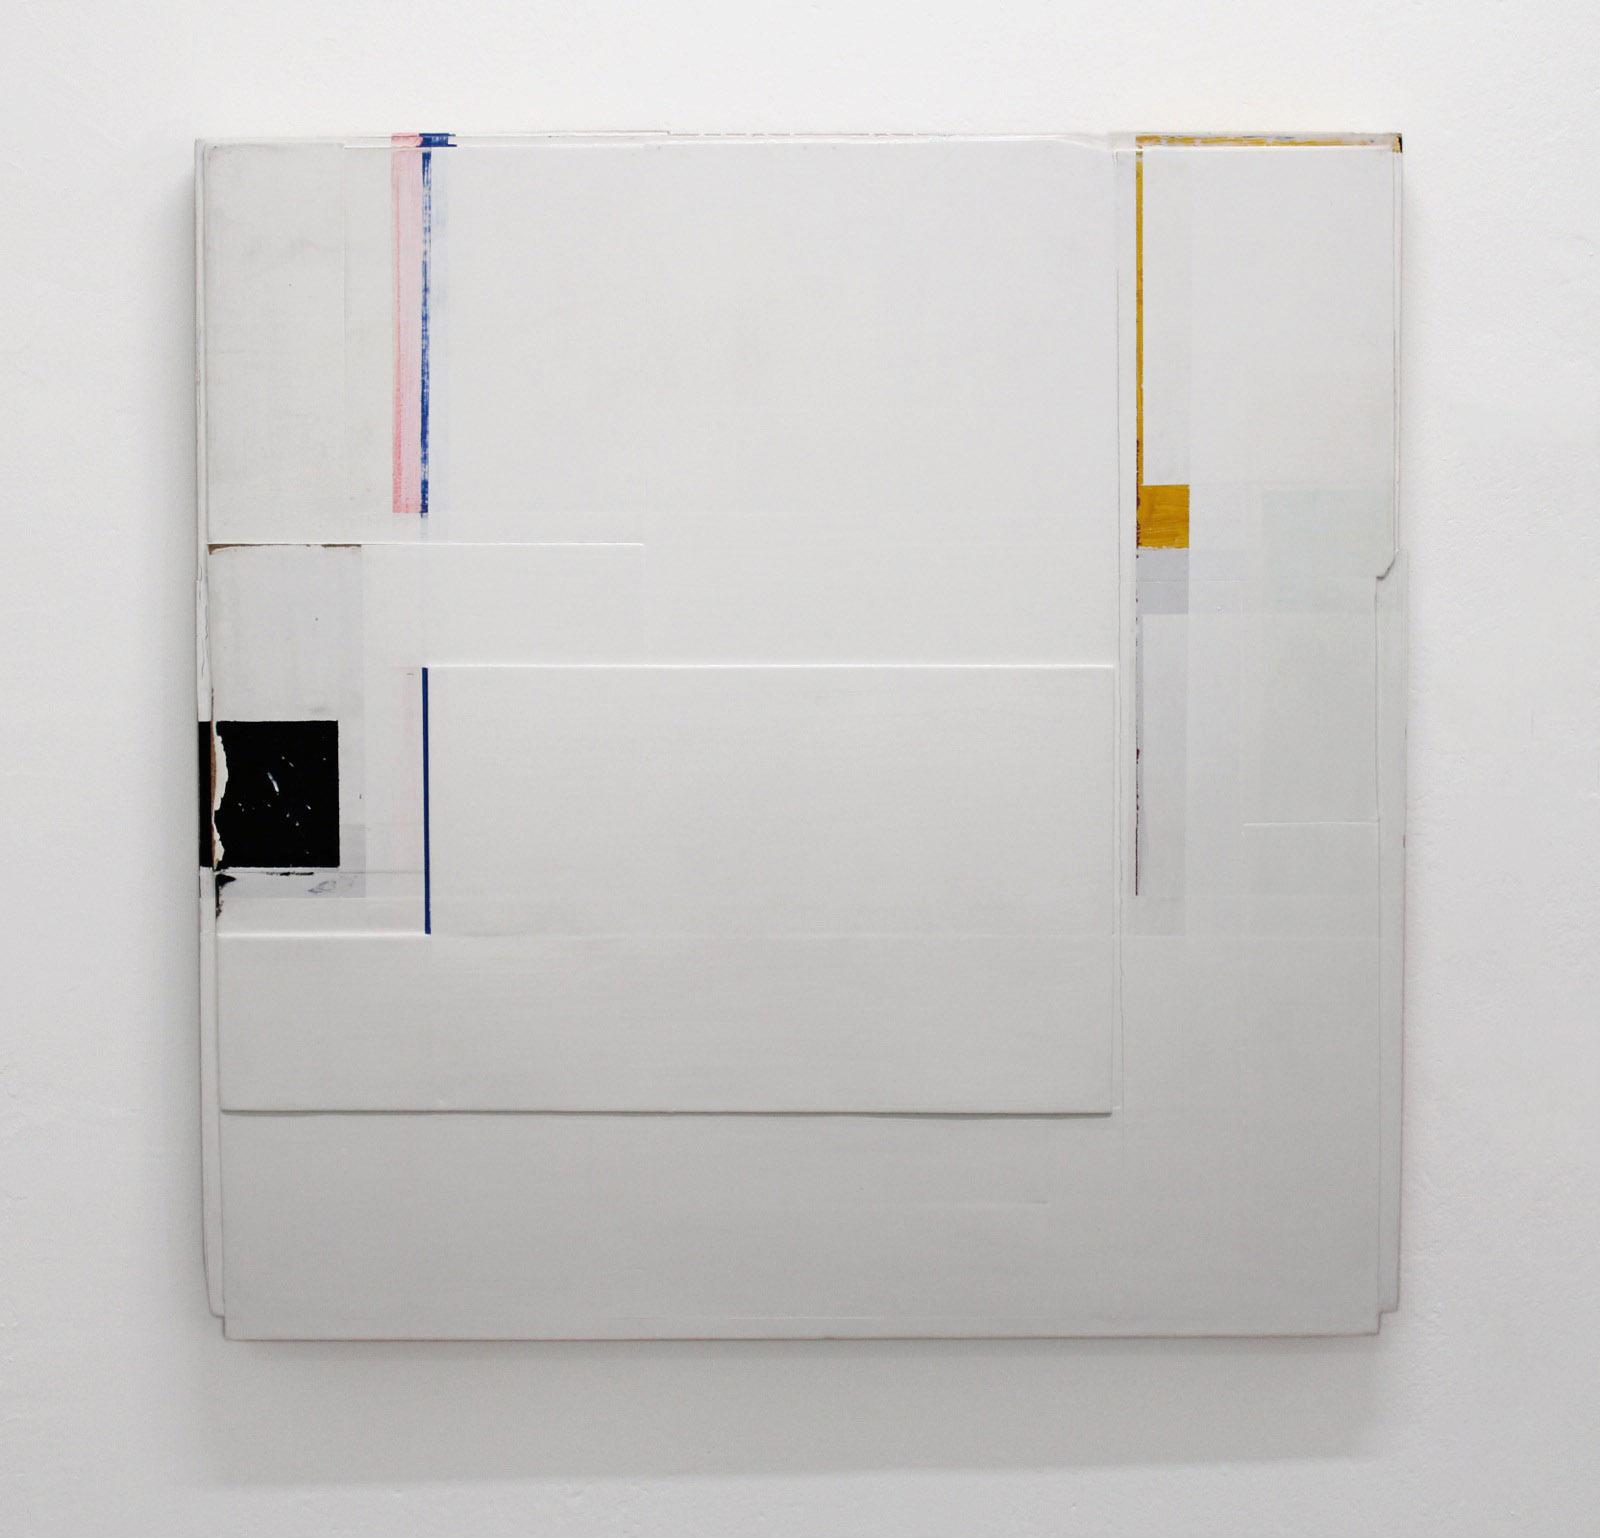 O.T., 100x110x5,5 cm, Acryllack, Holz, 1996